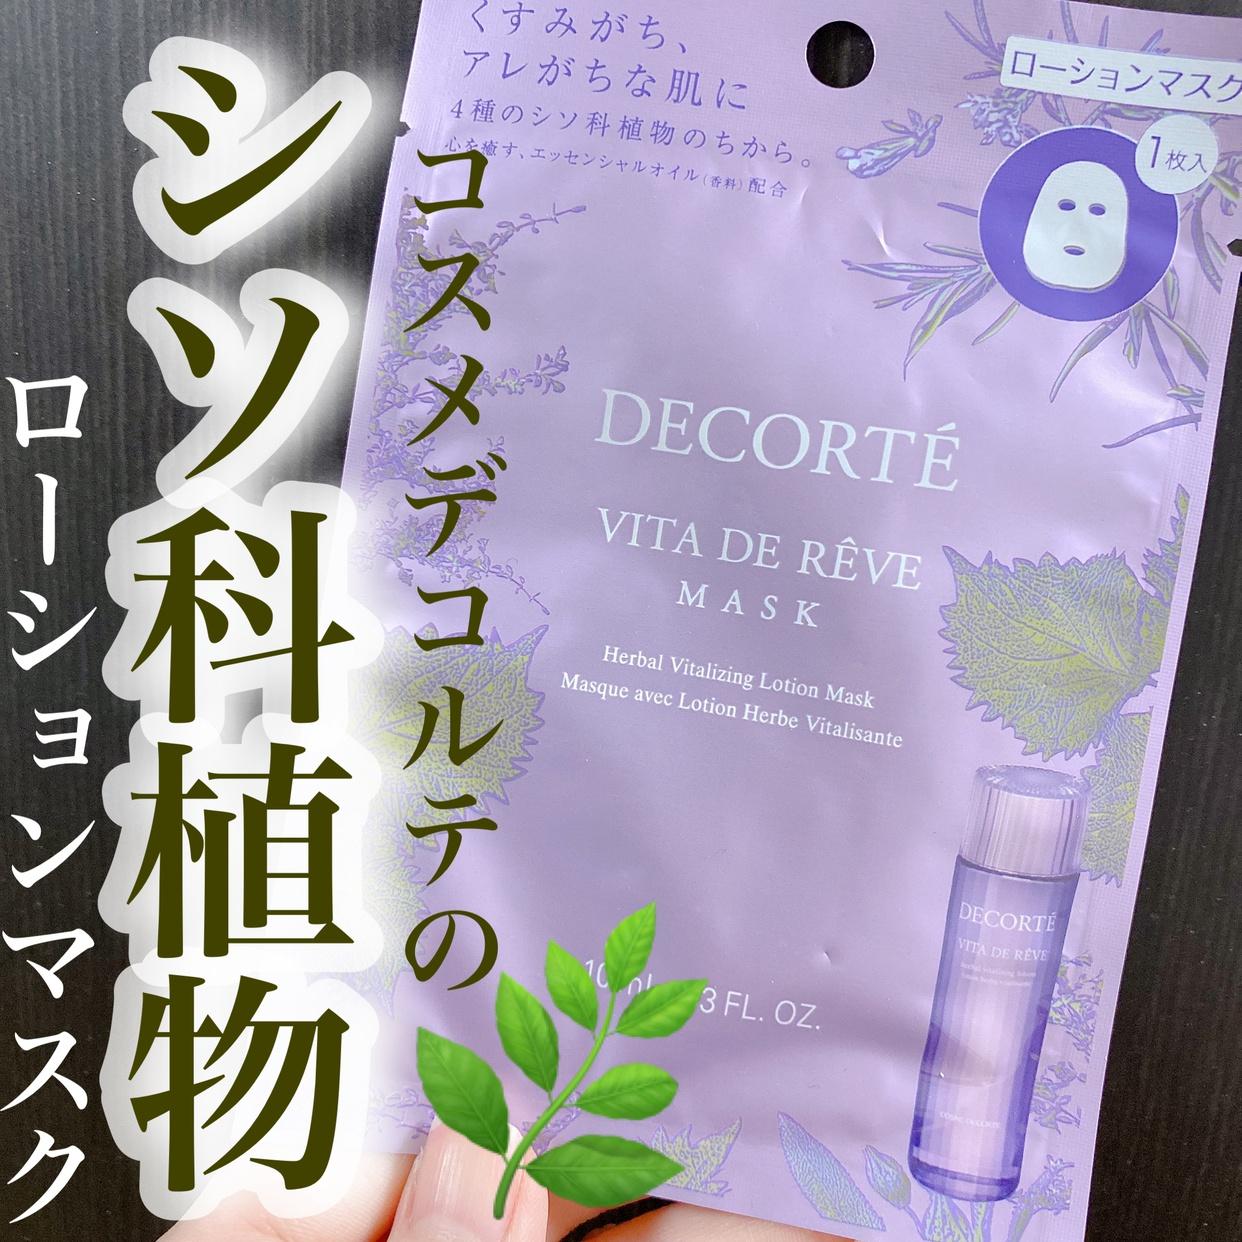 DECORTÉ(コスメデコルテ)ヴィタ ドレーブ マスクを使ったOLちゃんさんのクチコミ画像